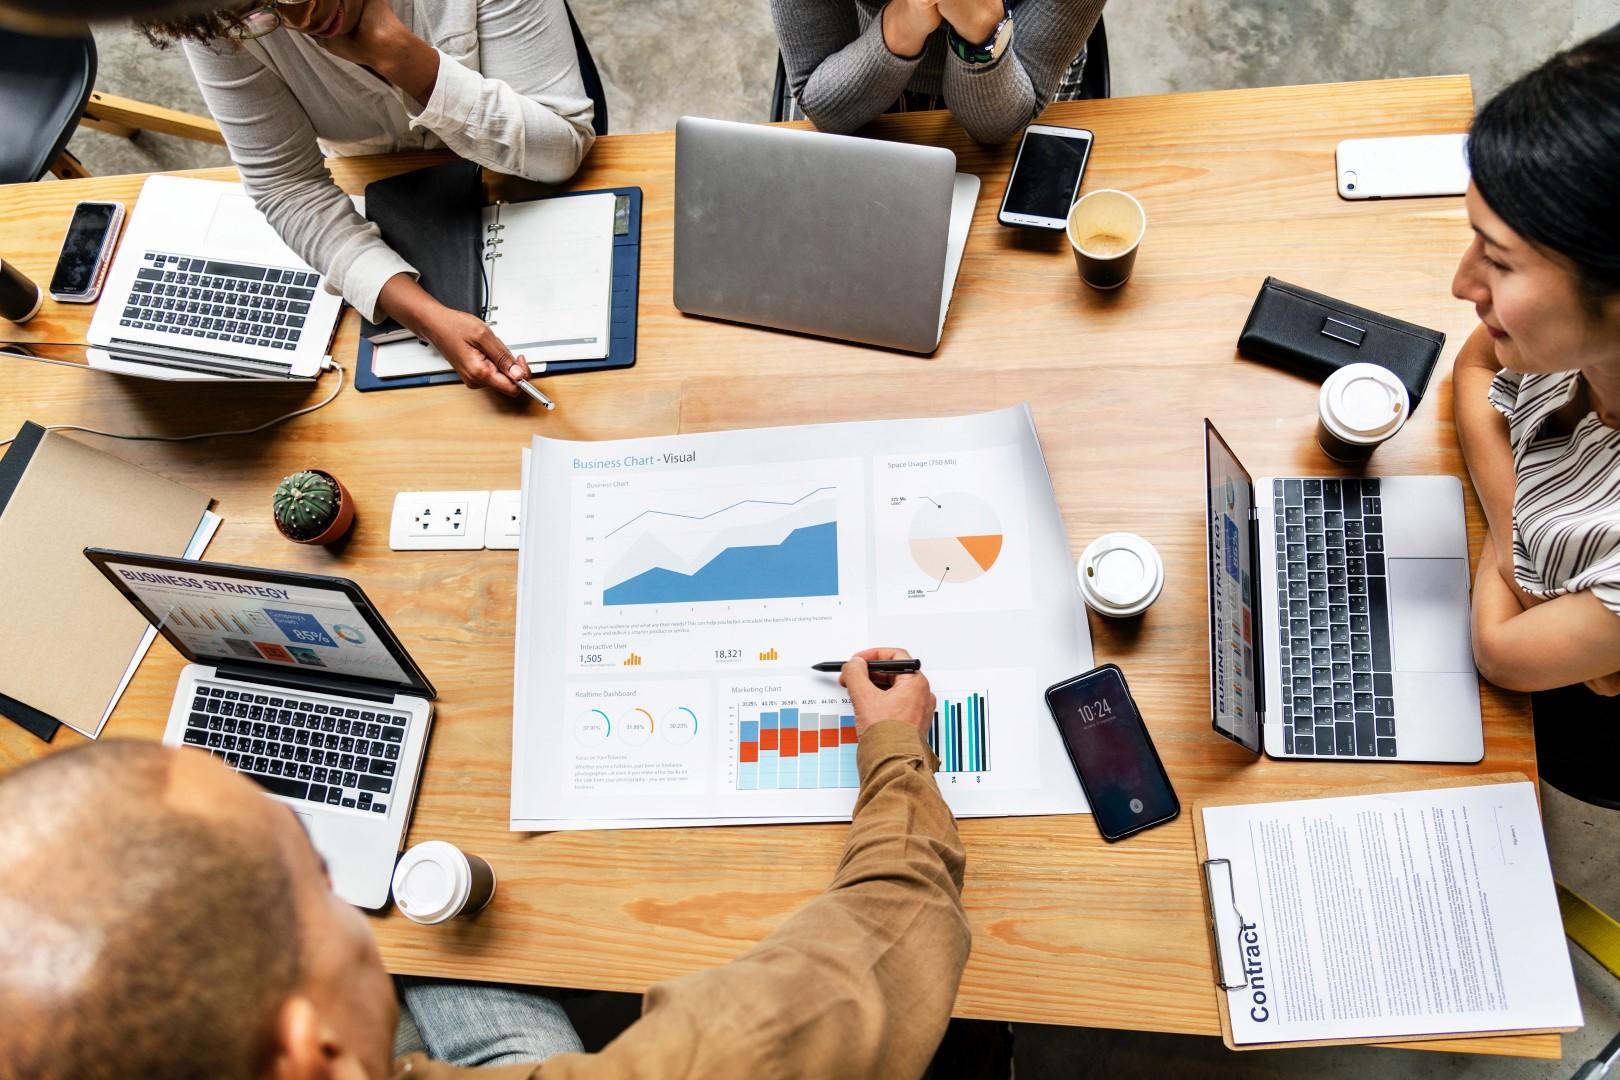 100 επαγγέλματα που μπορούν να πάρουν επιδότηση «Εργαλειοθήκη Επιχειρηματικότητας– Εμπόριο, Εστίαση, Εκπαίδευση»